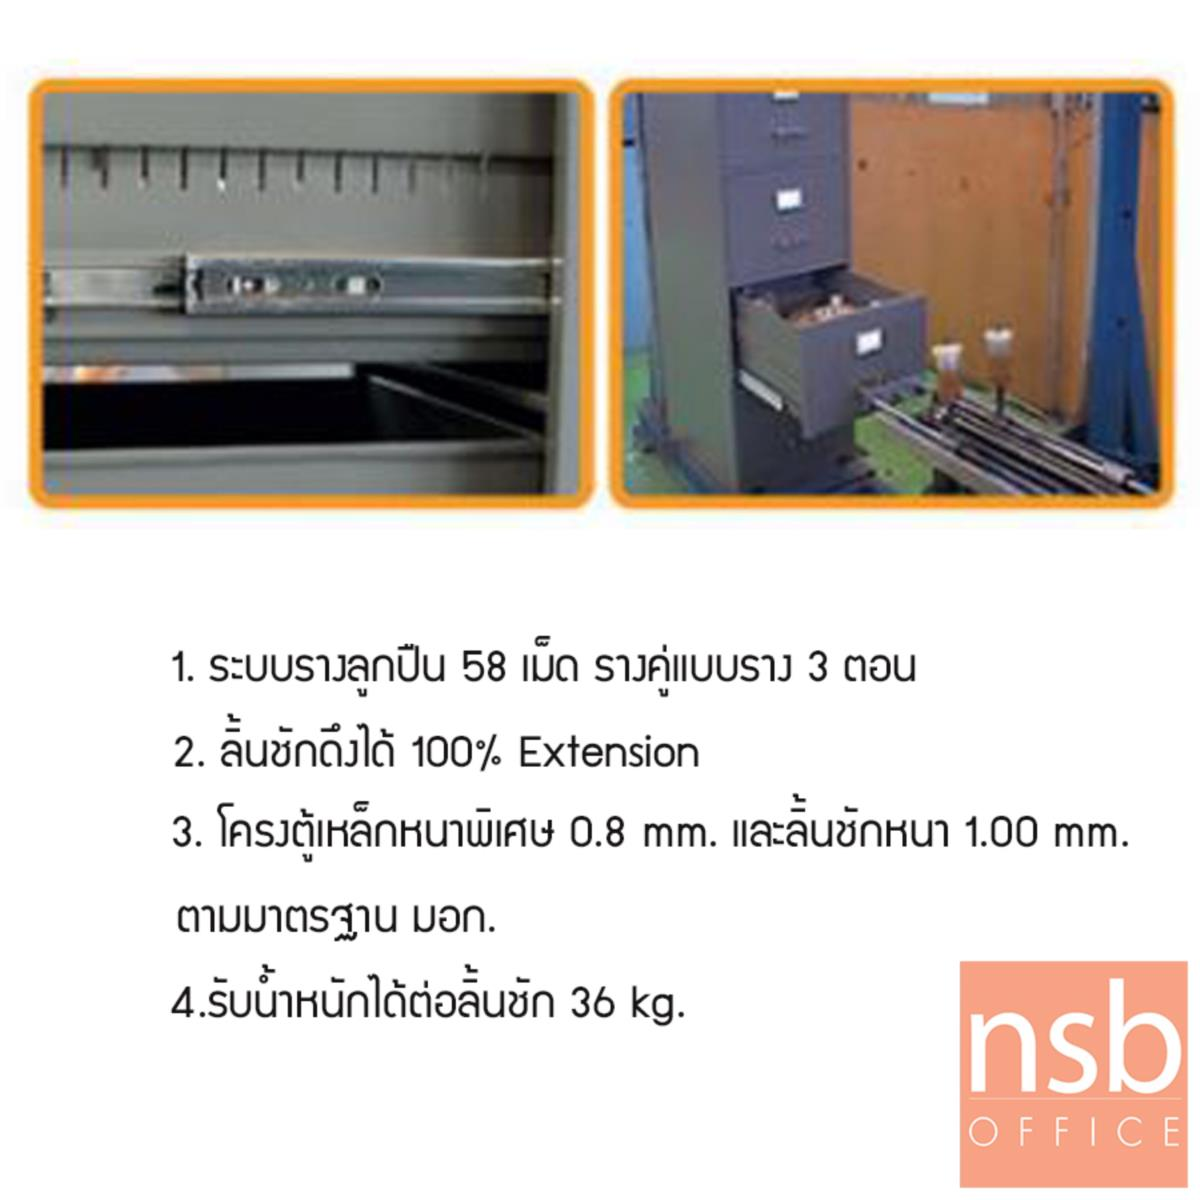 ตู้ลิ้นชักแฟ้มแขวน 4 ลิ้นชัก ระบบป้องกันการล้ม (มาตรฐาน มอก. 0.8 มม.) รุ่น FC-634